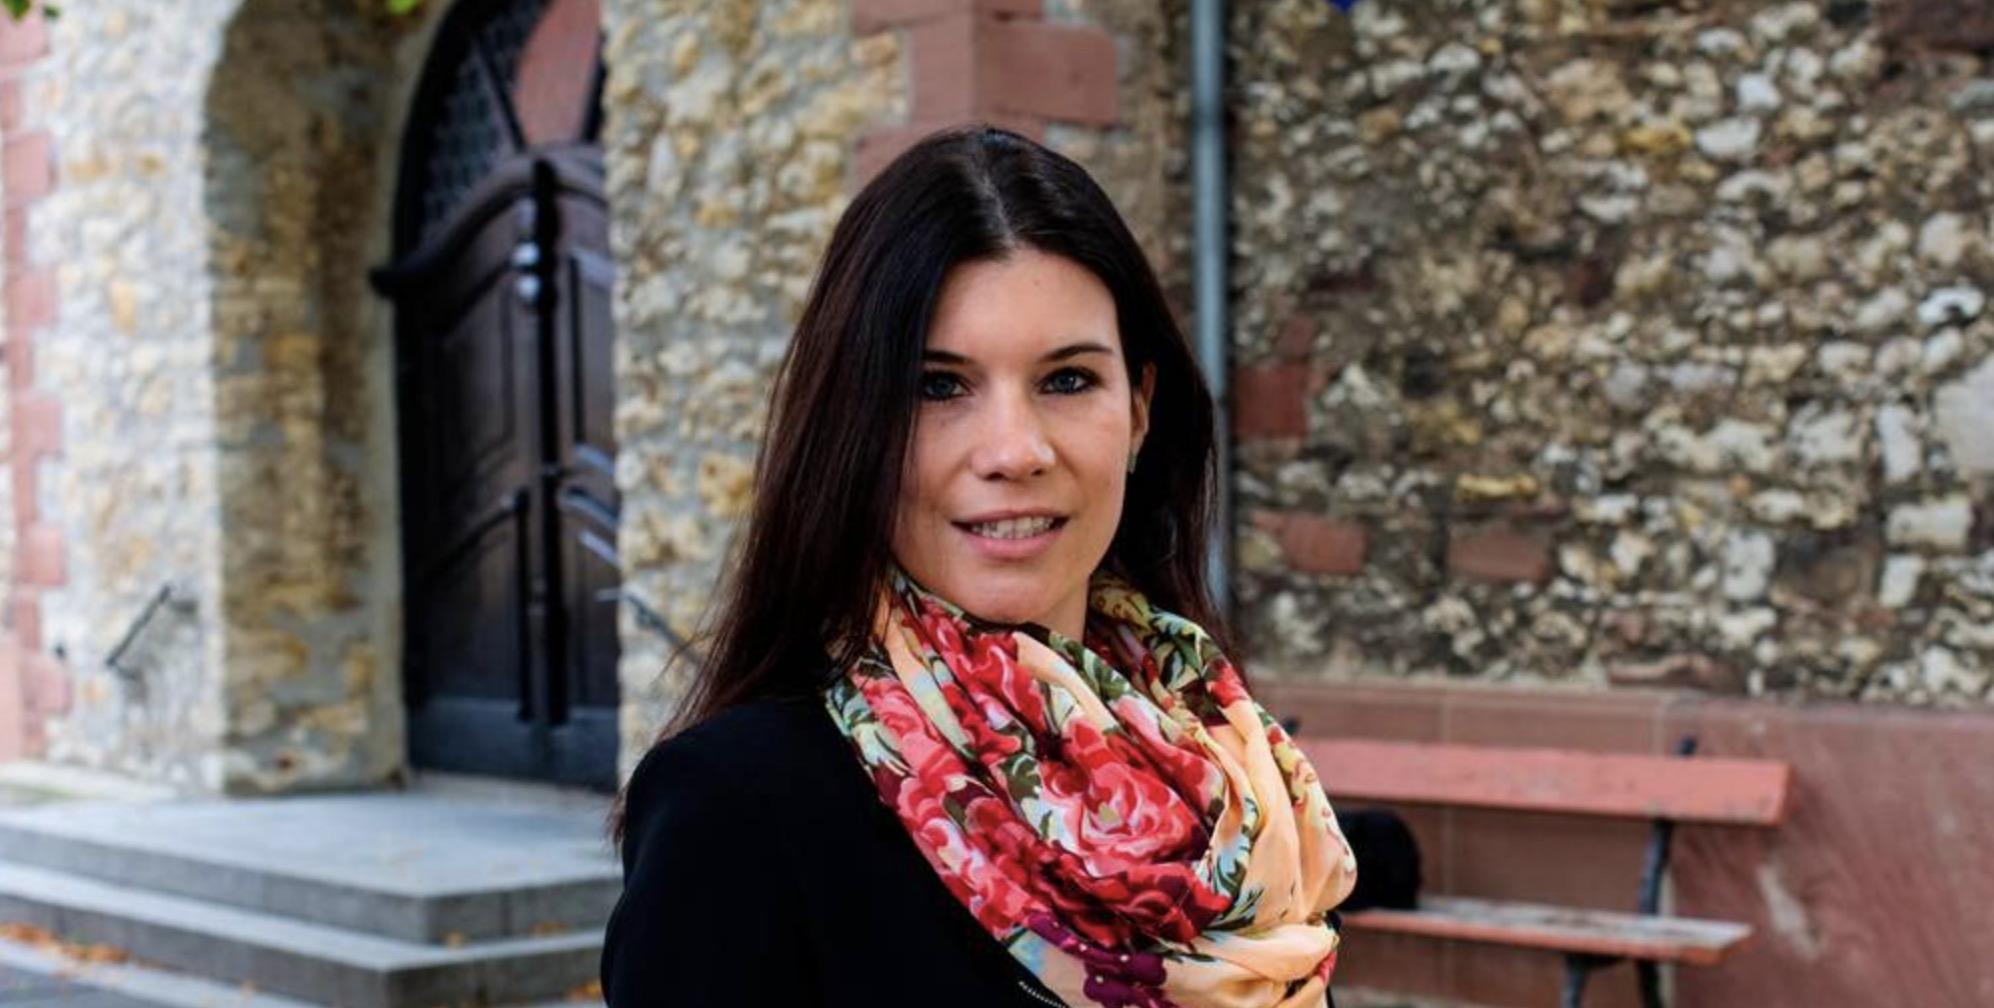 Eine Frau für Wicker: Luana Schnabel (CDU) will Ortsvorsteherin werden